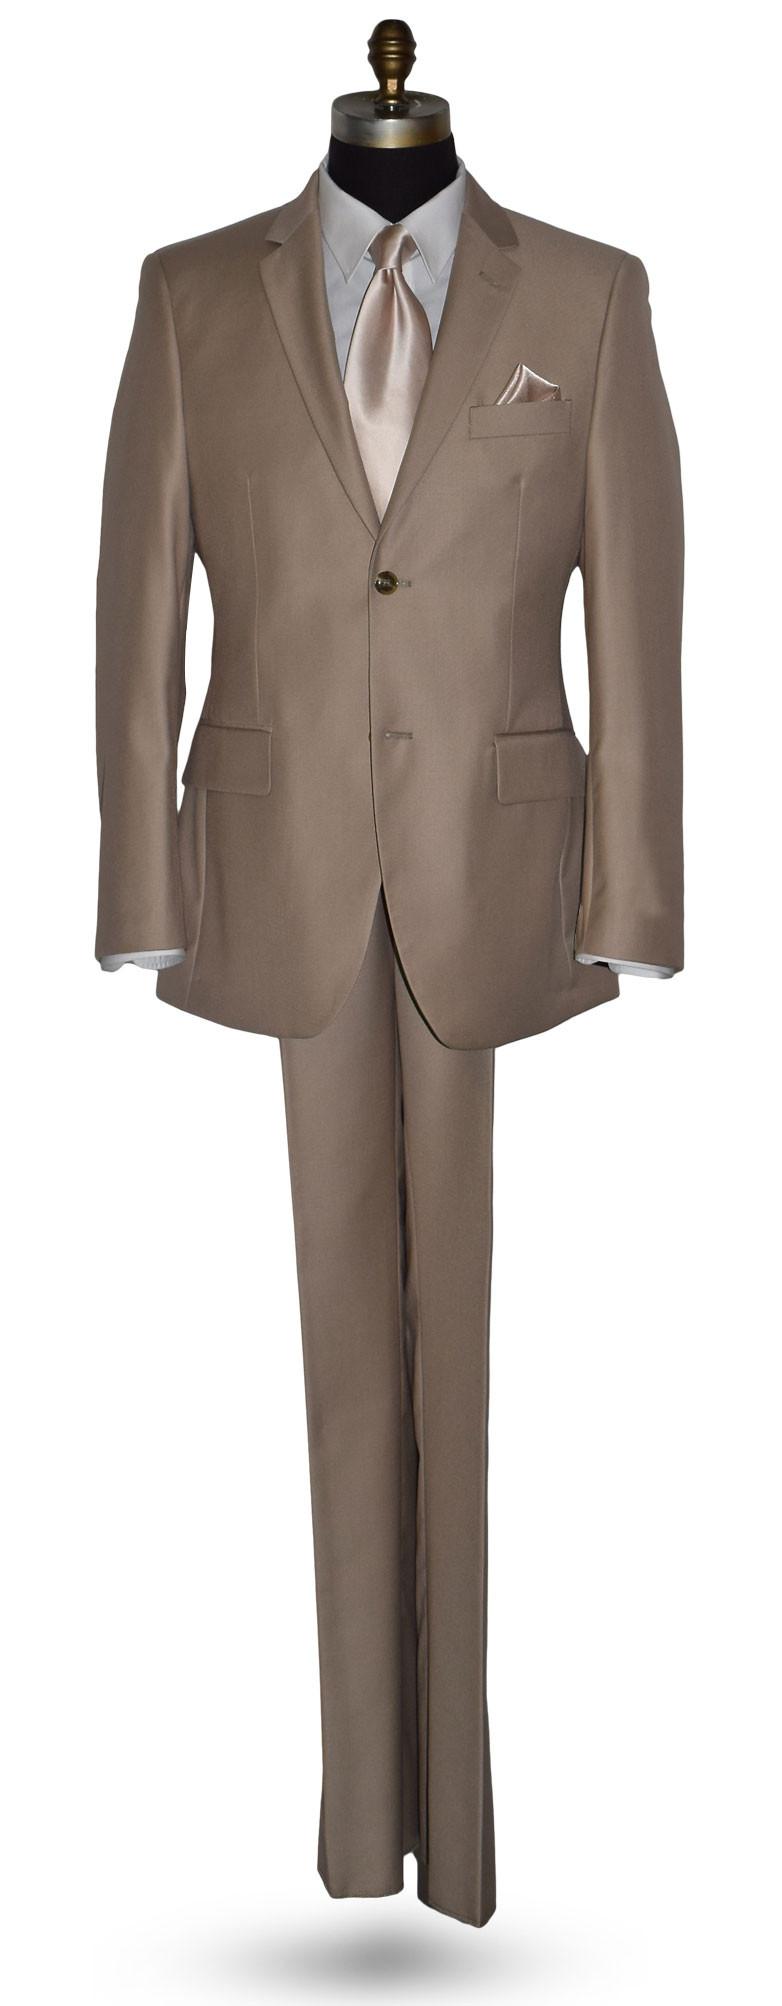 Tan Suit 3 Piece Coat Pants Vest